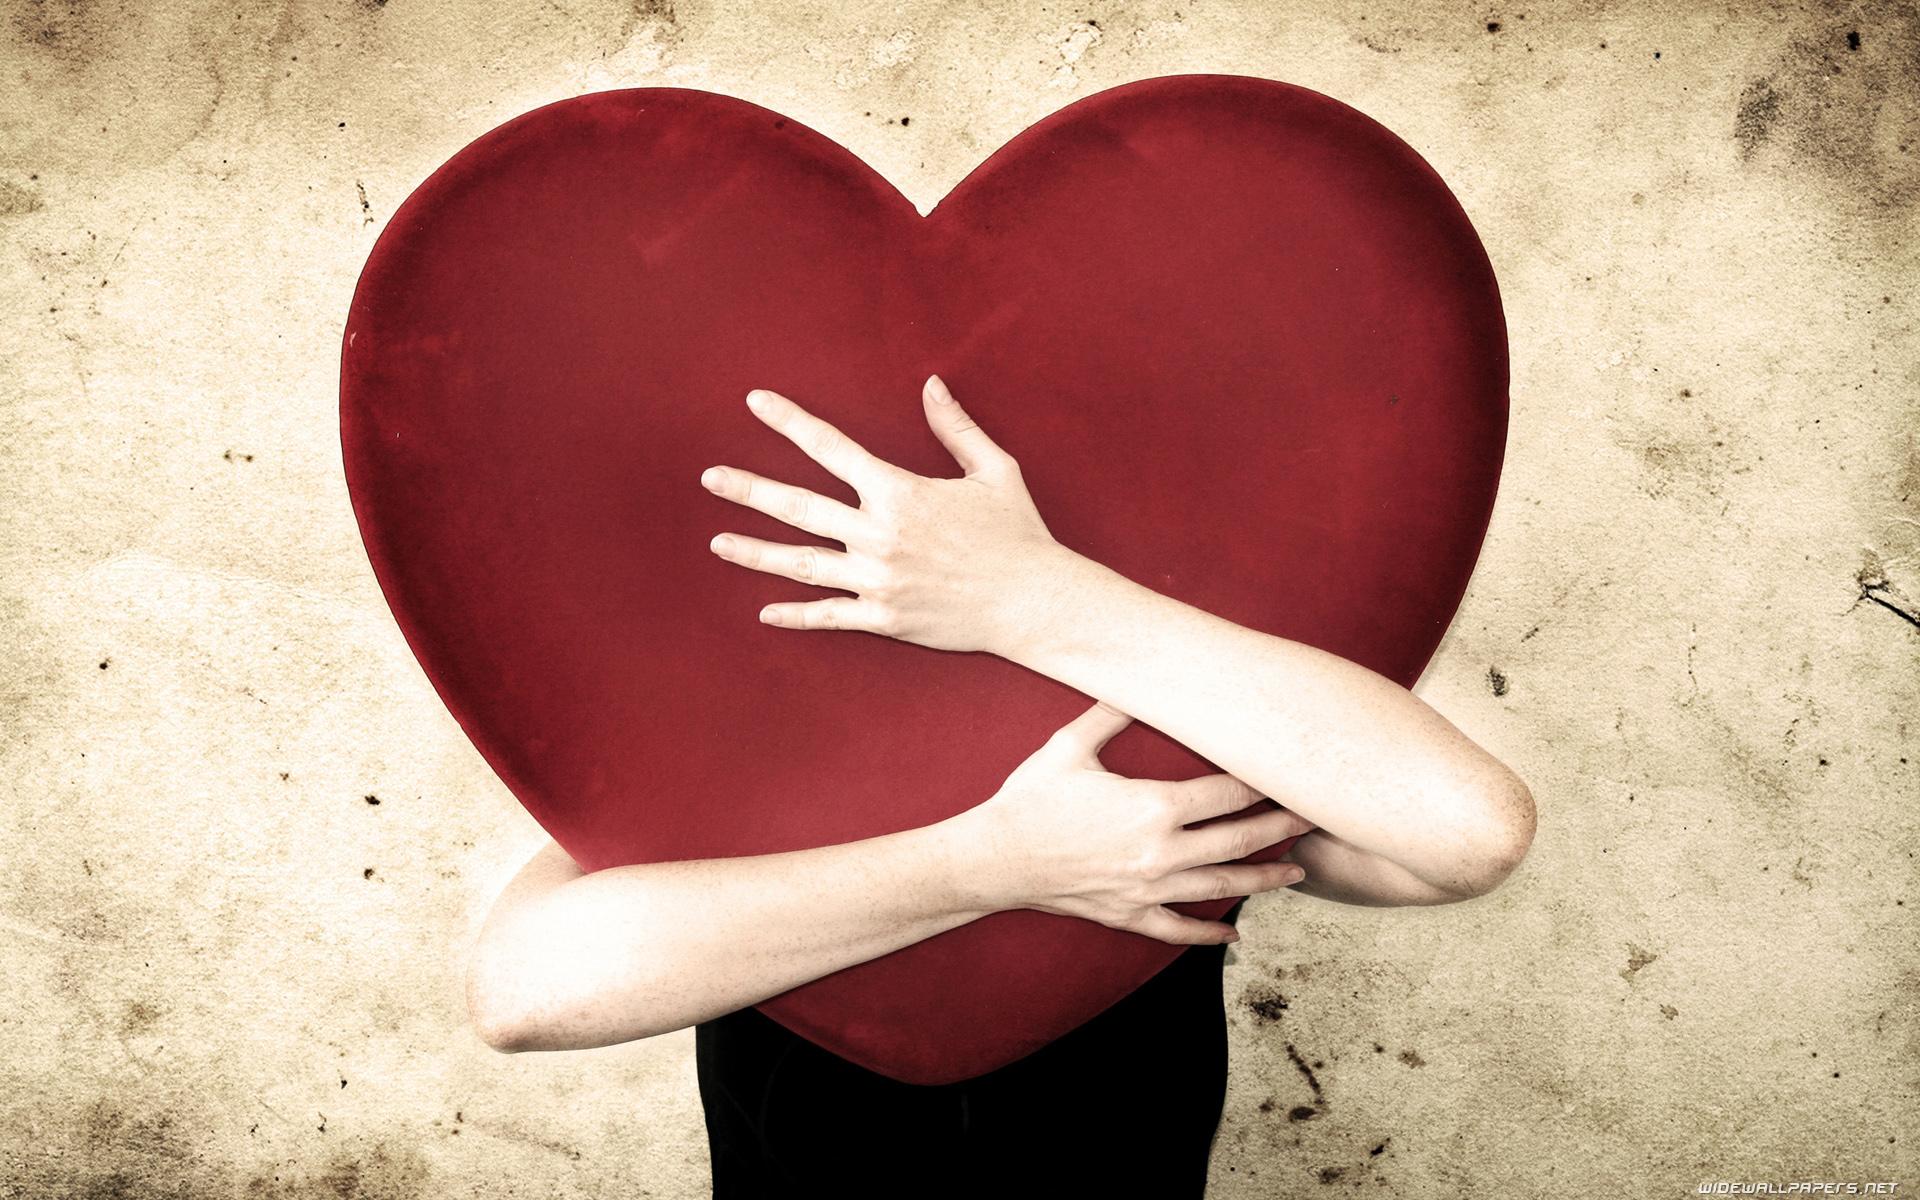 Любовь (59 обоев) » Смотри Красивые Обои, Wallpapers, Красивые обои на рабочий стол